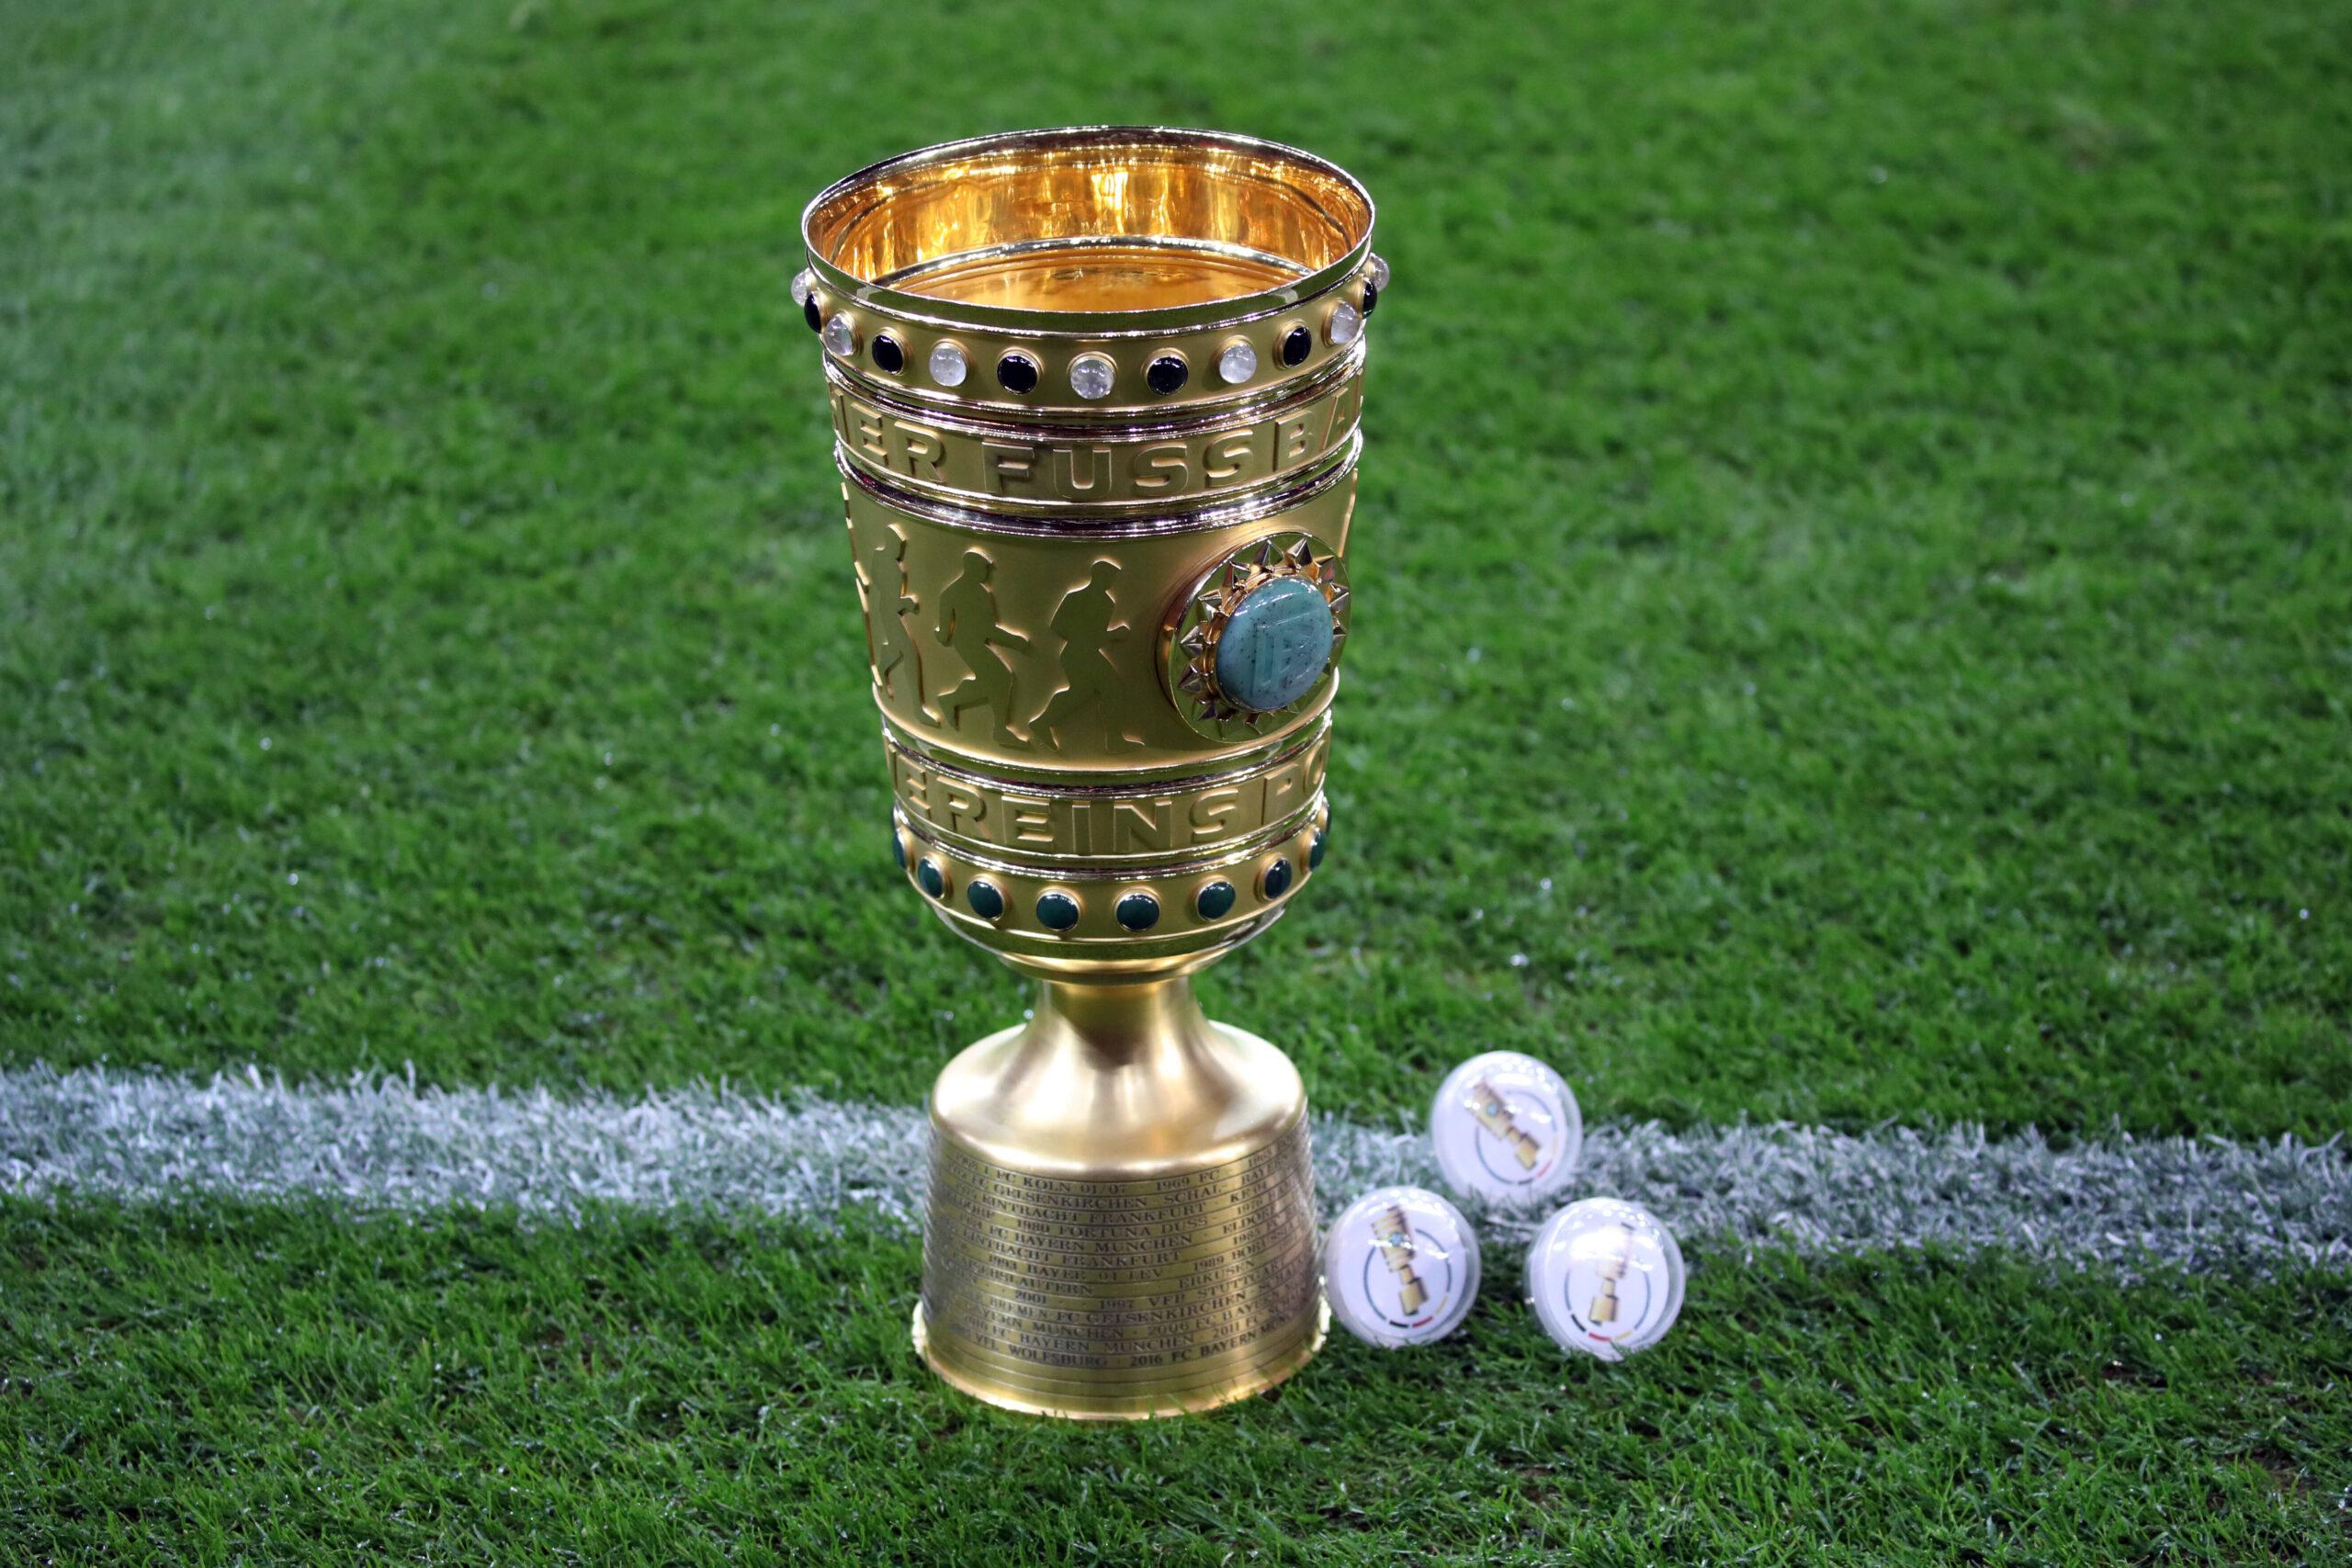 Sigue la Pokal, el torneo del 'KO' por excelencia en Alemania. Foto: Imago